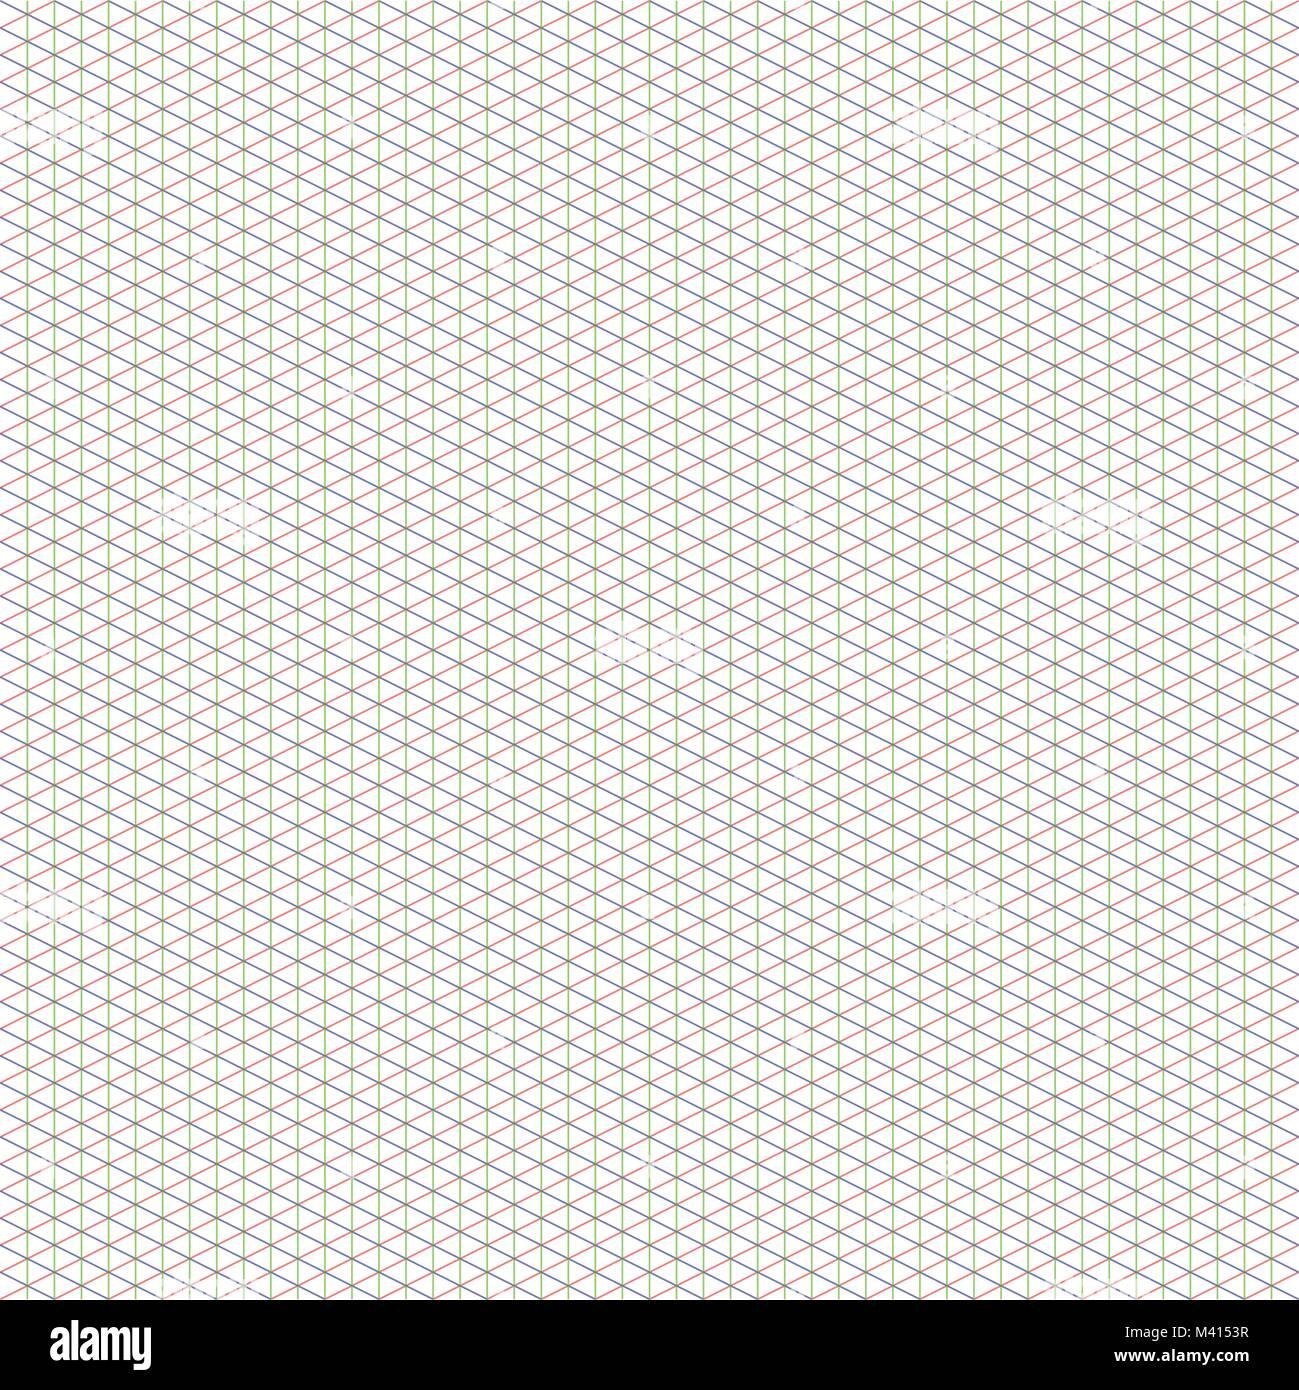 Grille Pour Pixel Art